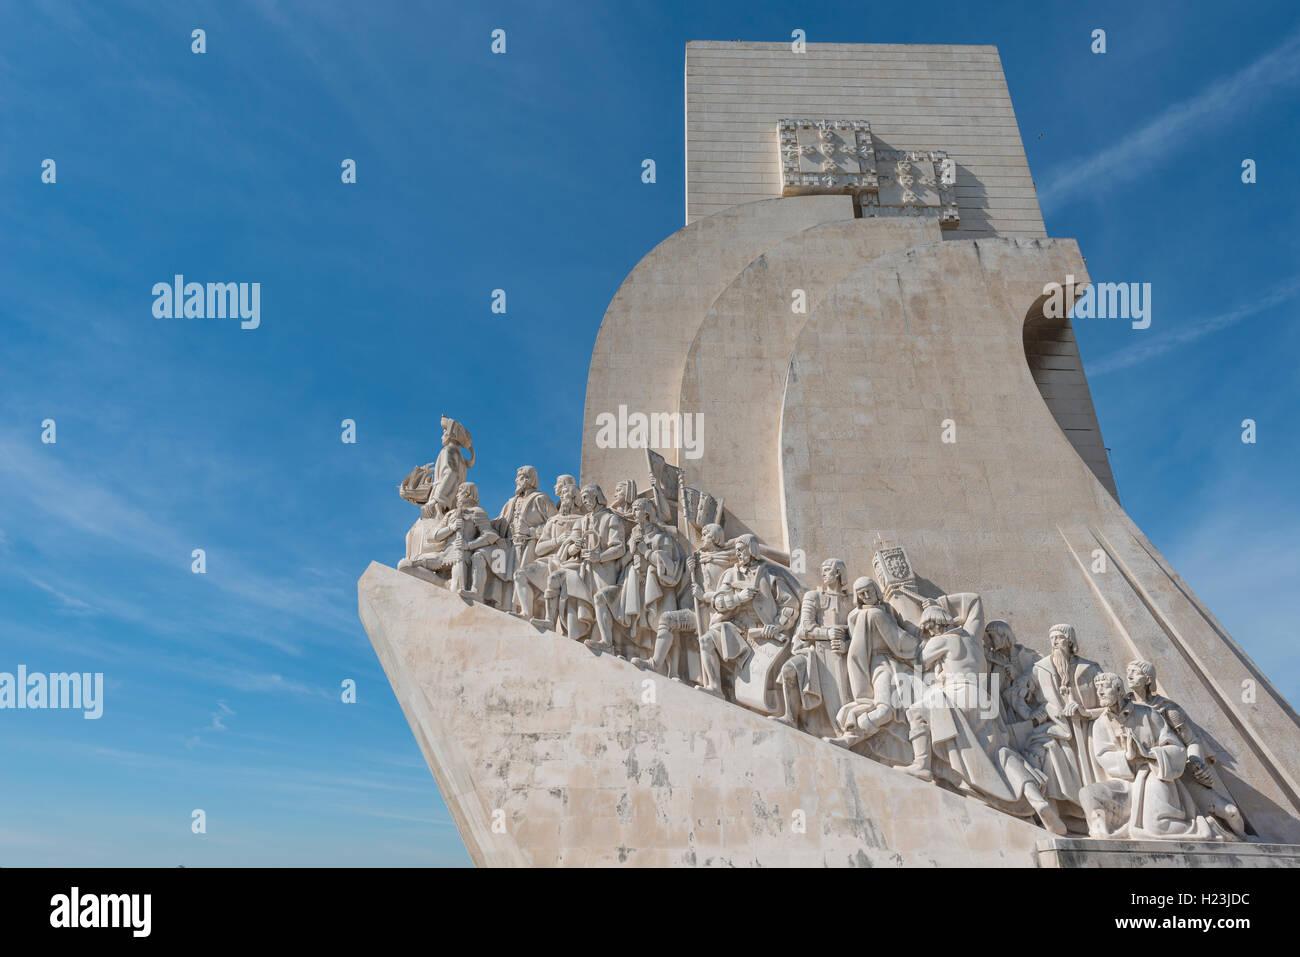 Padrão dos Descobrimentos, das Denkmal der Entdeckungen, Nahaufnahme, Belém, Lissabon, Portugal Stockbild